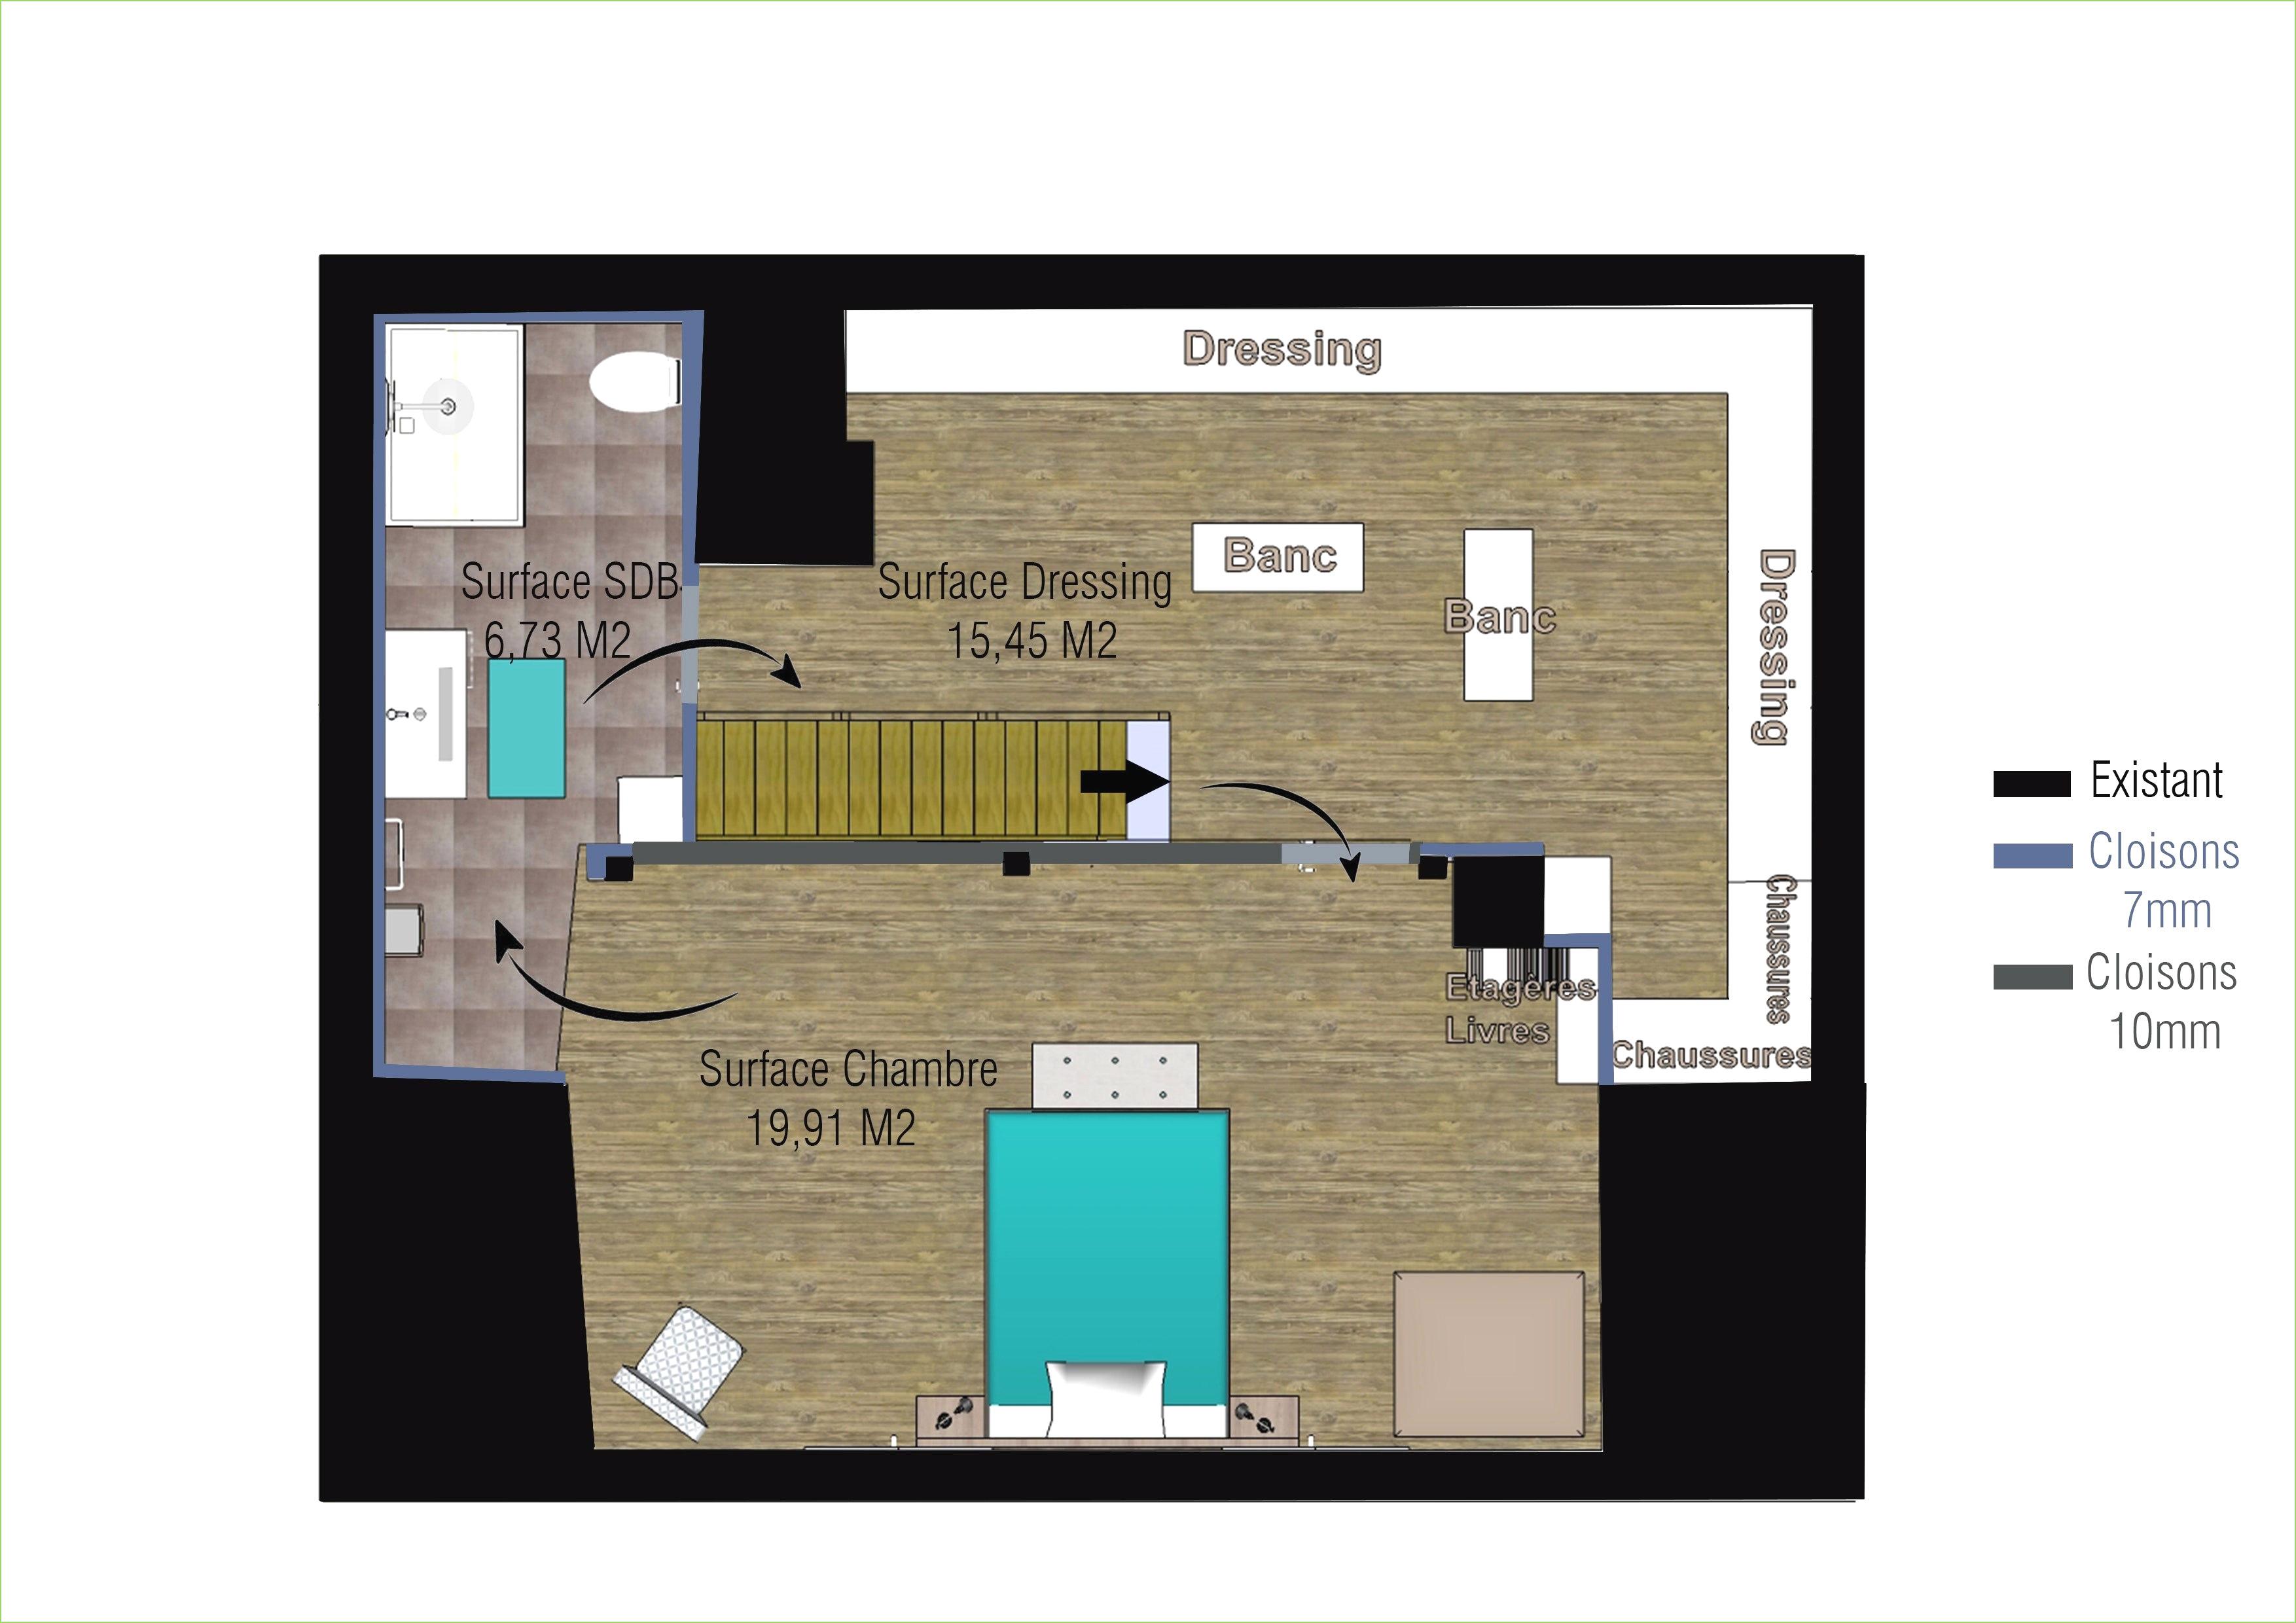 Suite Parentale Avec Salle De Bain Et Dressing Plan Beau Photographie Plan Chambre Parentale Avec Salle De Bain Et Dressing élégant 20